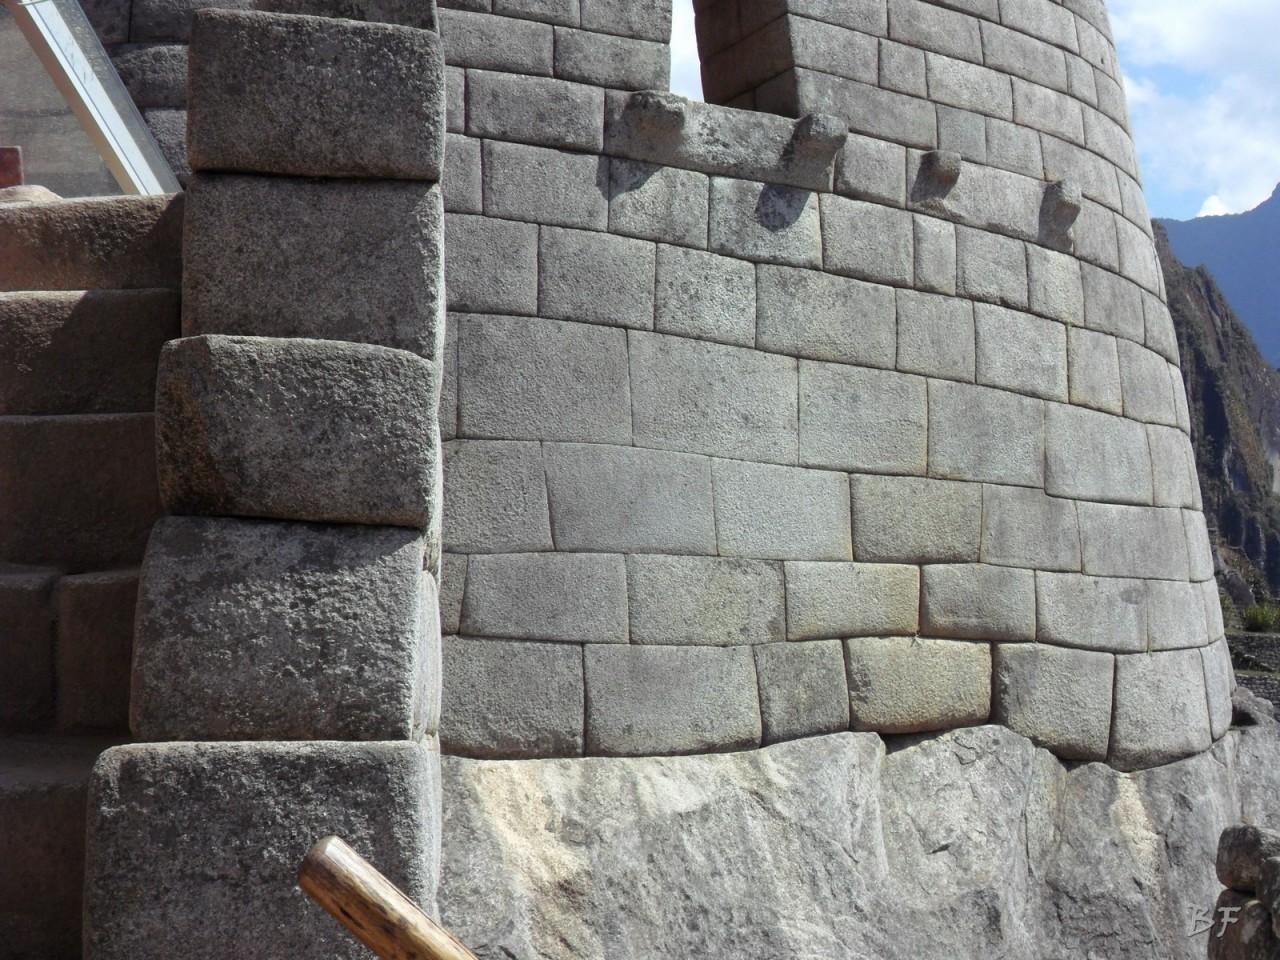 Mura-Poligonali-Incisioni-Altari-Edifici-Rupestri-Megaliti-Machu-Picchu-Aguas-Calientes-Urubamba-Cusco-Perù-26